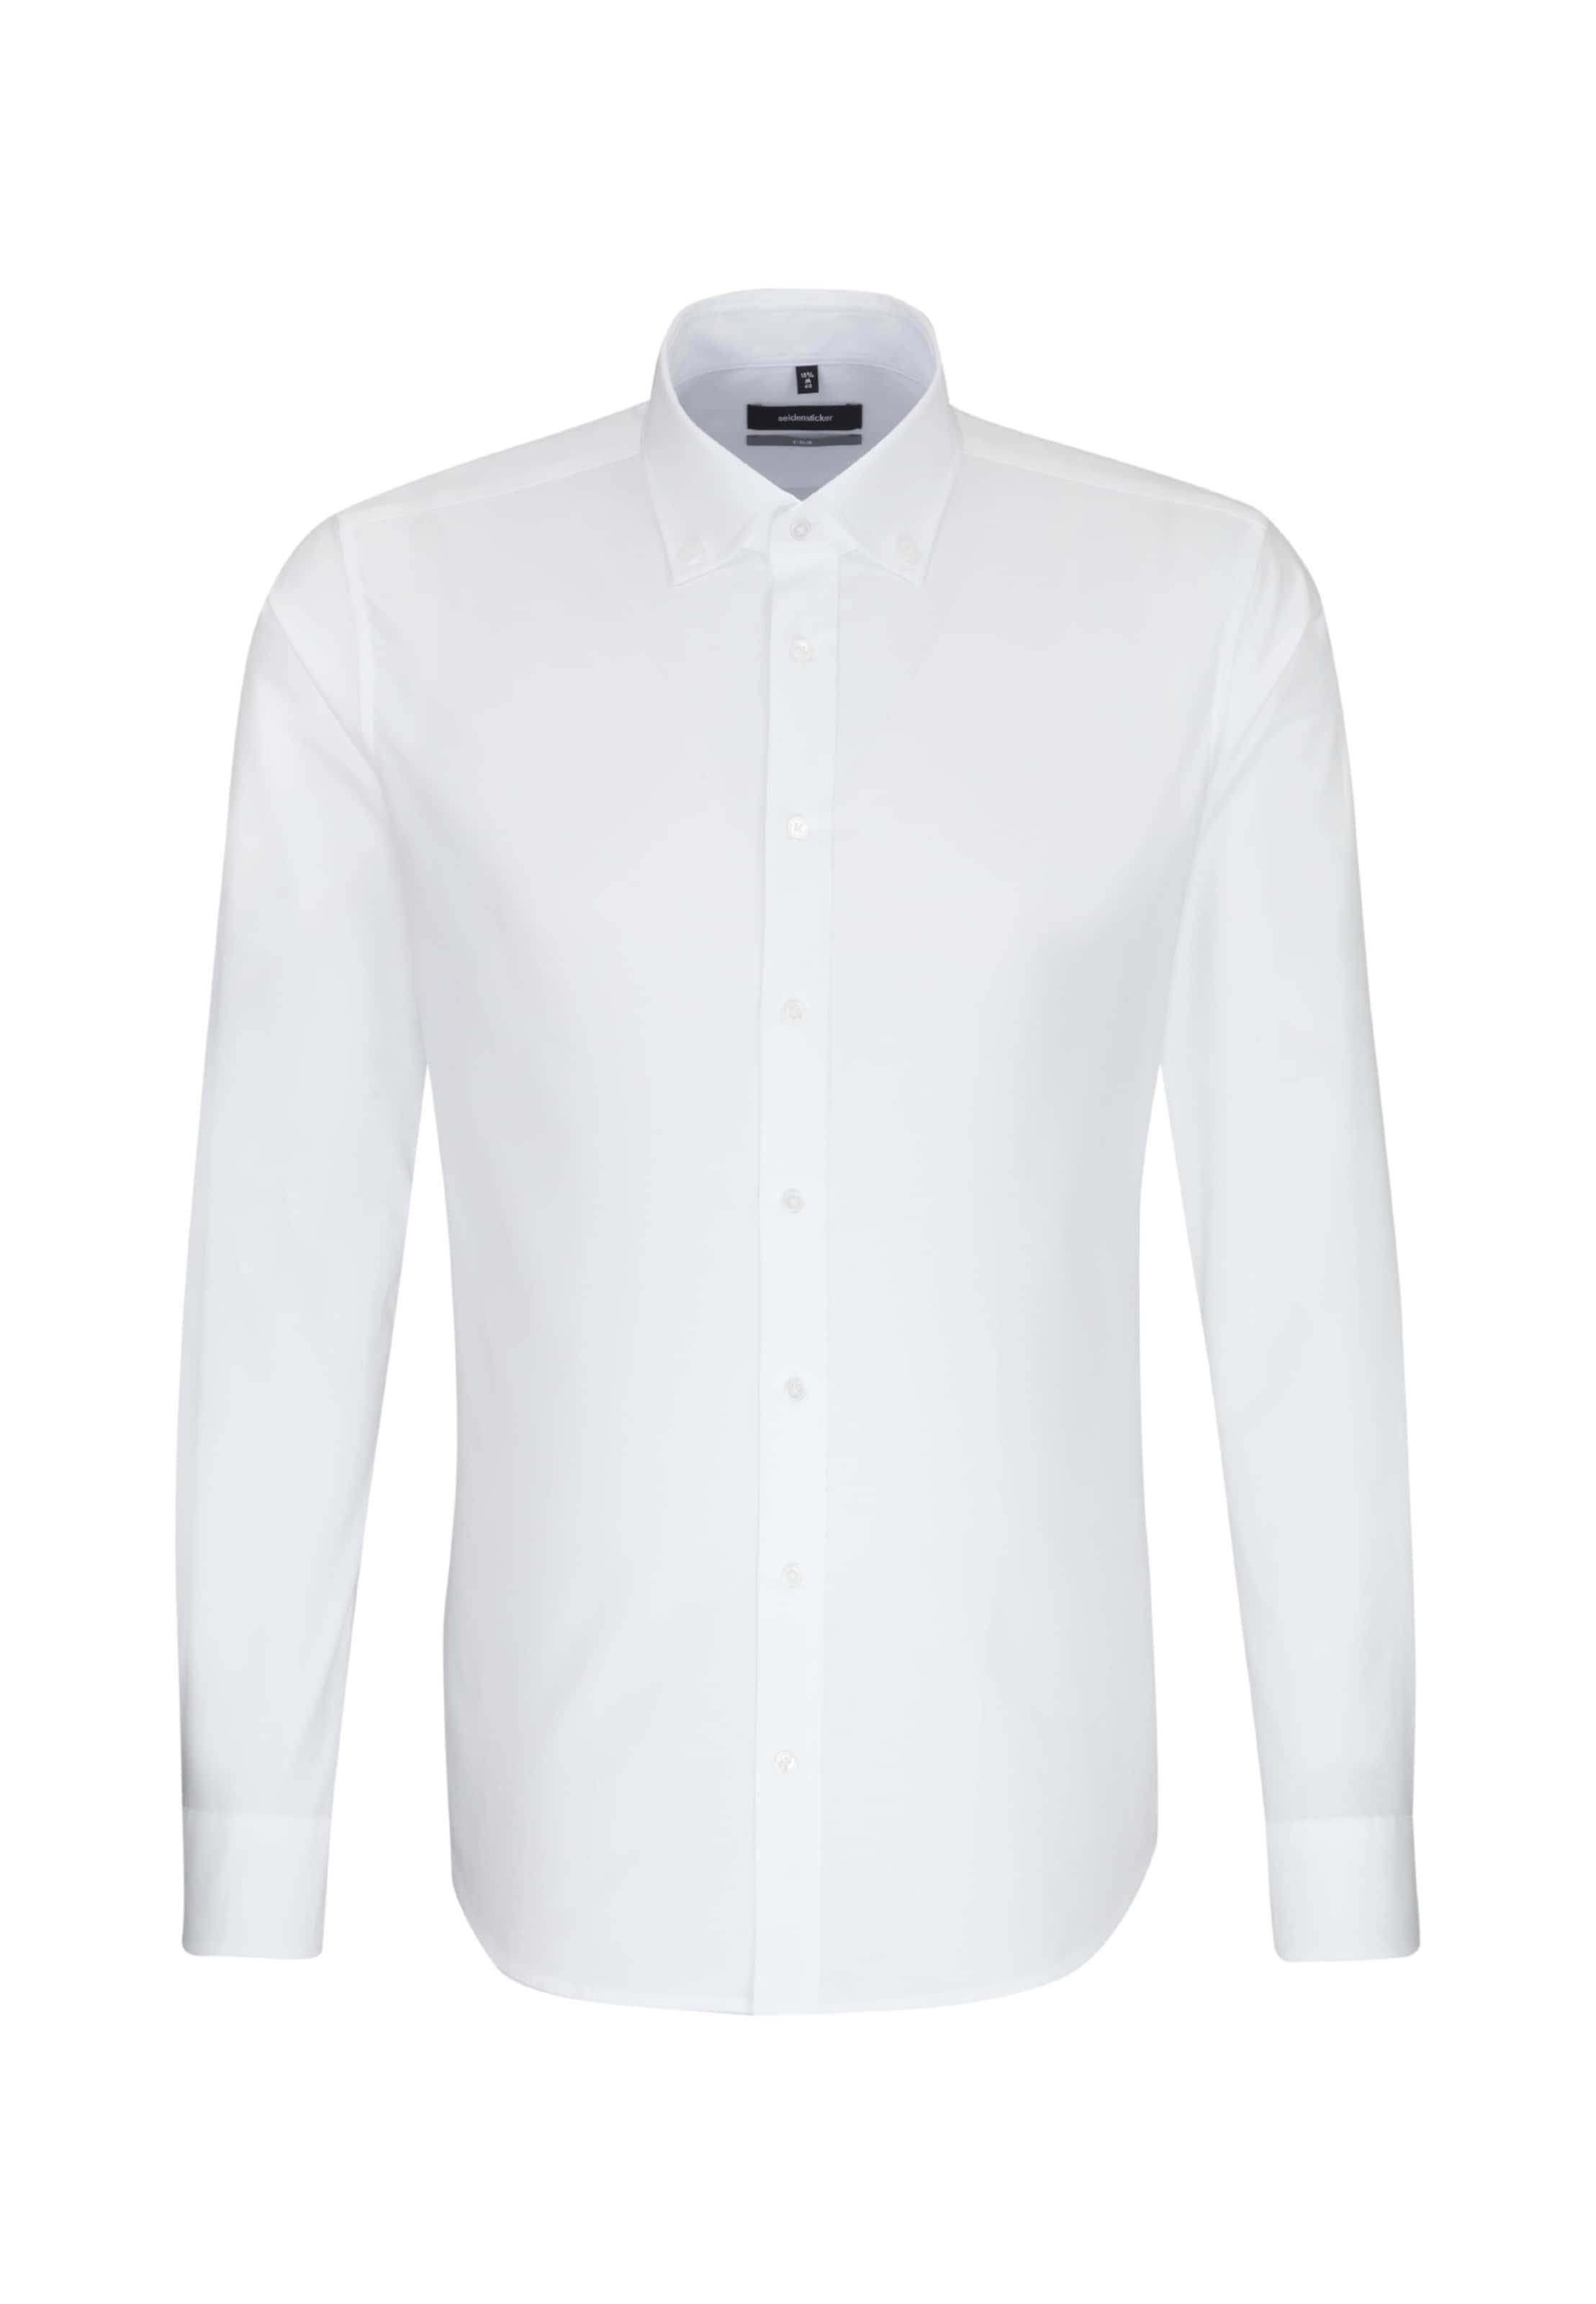 Zakelijk Seidensticker In Seidensticker Wit Seidensticker Overhemd Wit Overhemd Overhemd In Zakelijk Zakelijk In nPk08wO